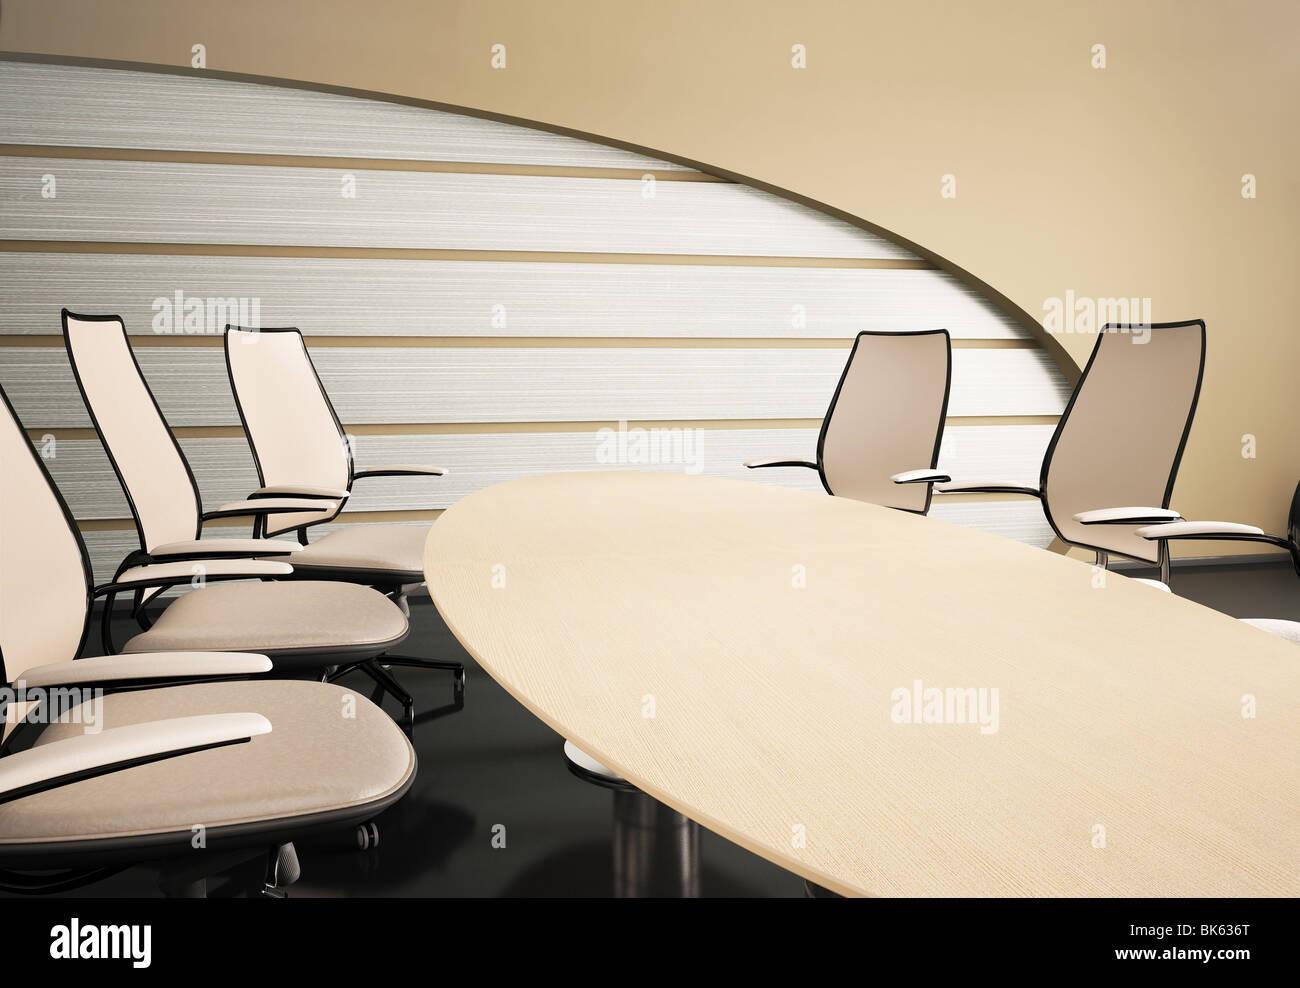 Innenraum Der Sitzungssaal Mit Ovalen Tisch Und Stühle 3d Render Stockbild